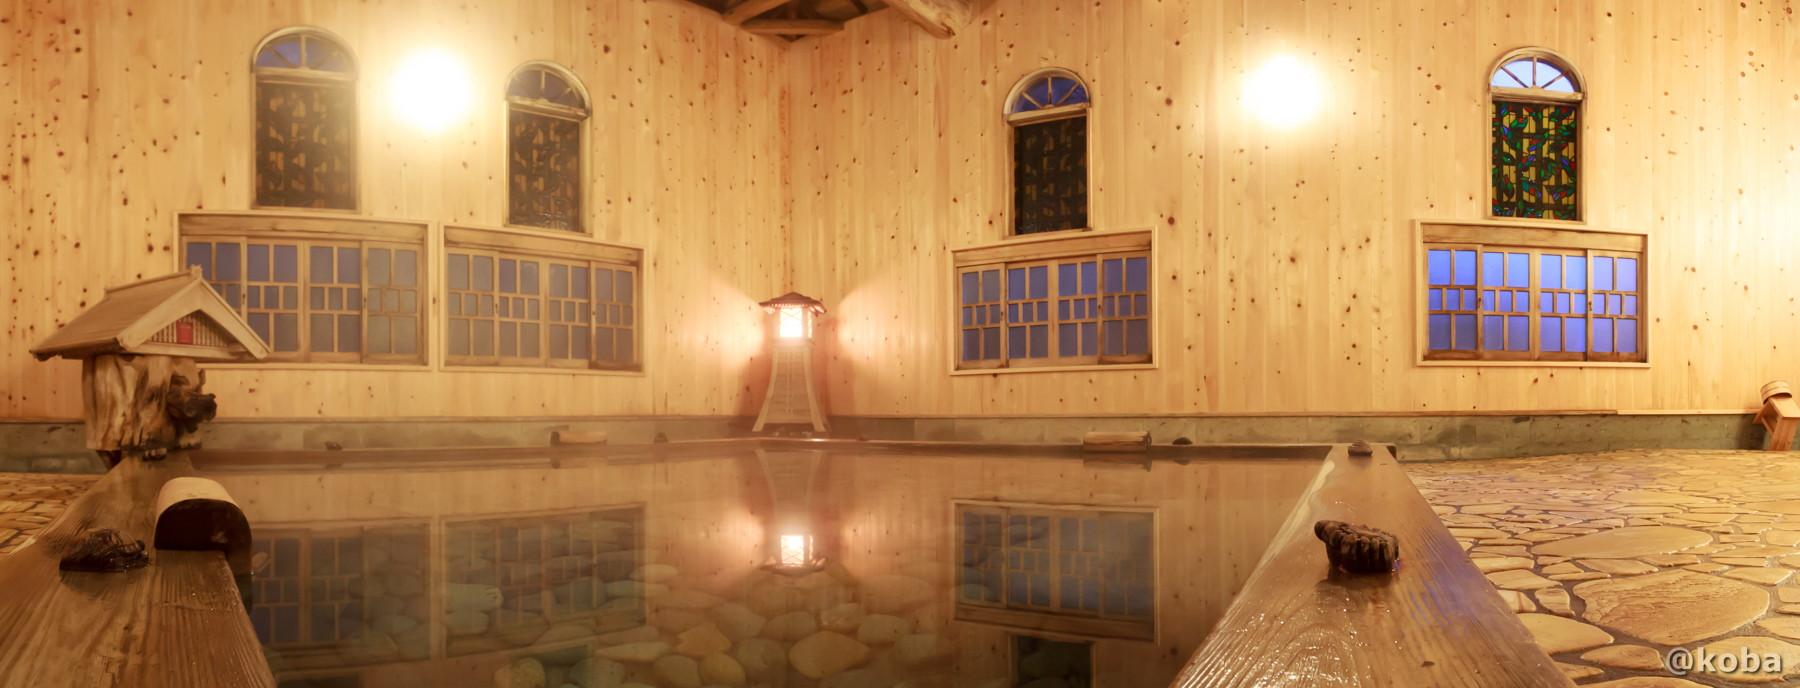 内湯 総檜風呂、パノラマ写真│たんげ温泉 美郷館(みさとかん)│群馬県 吾妻郡